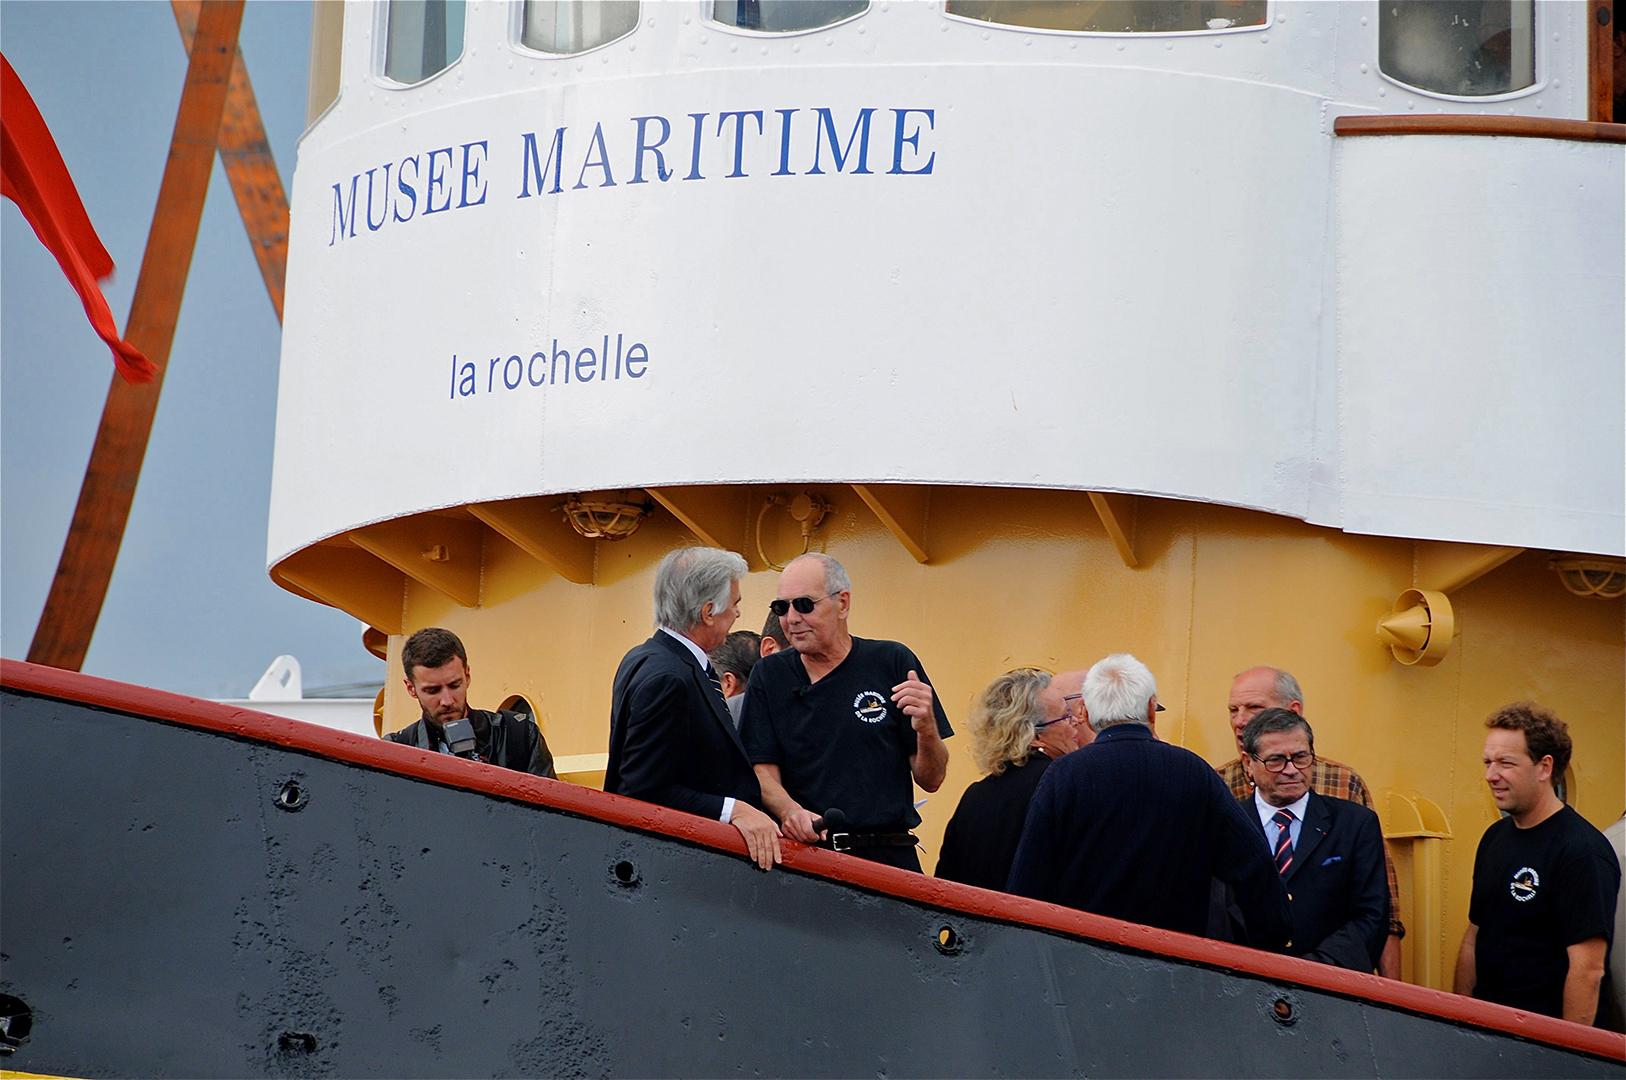 2009, le musée fête la remise à l'eau du remorqueur Saint-Gilles